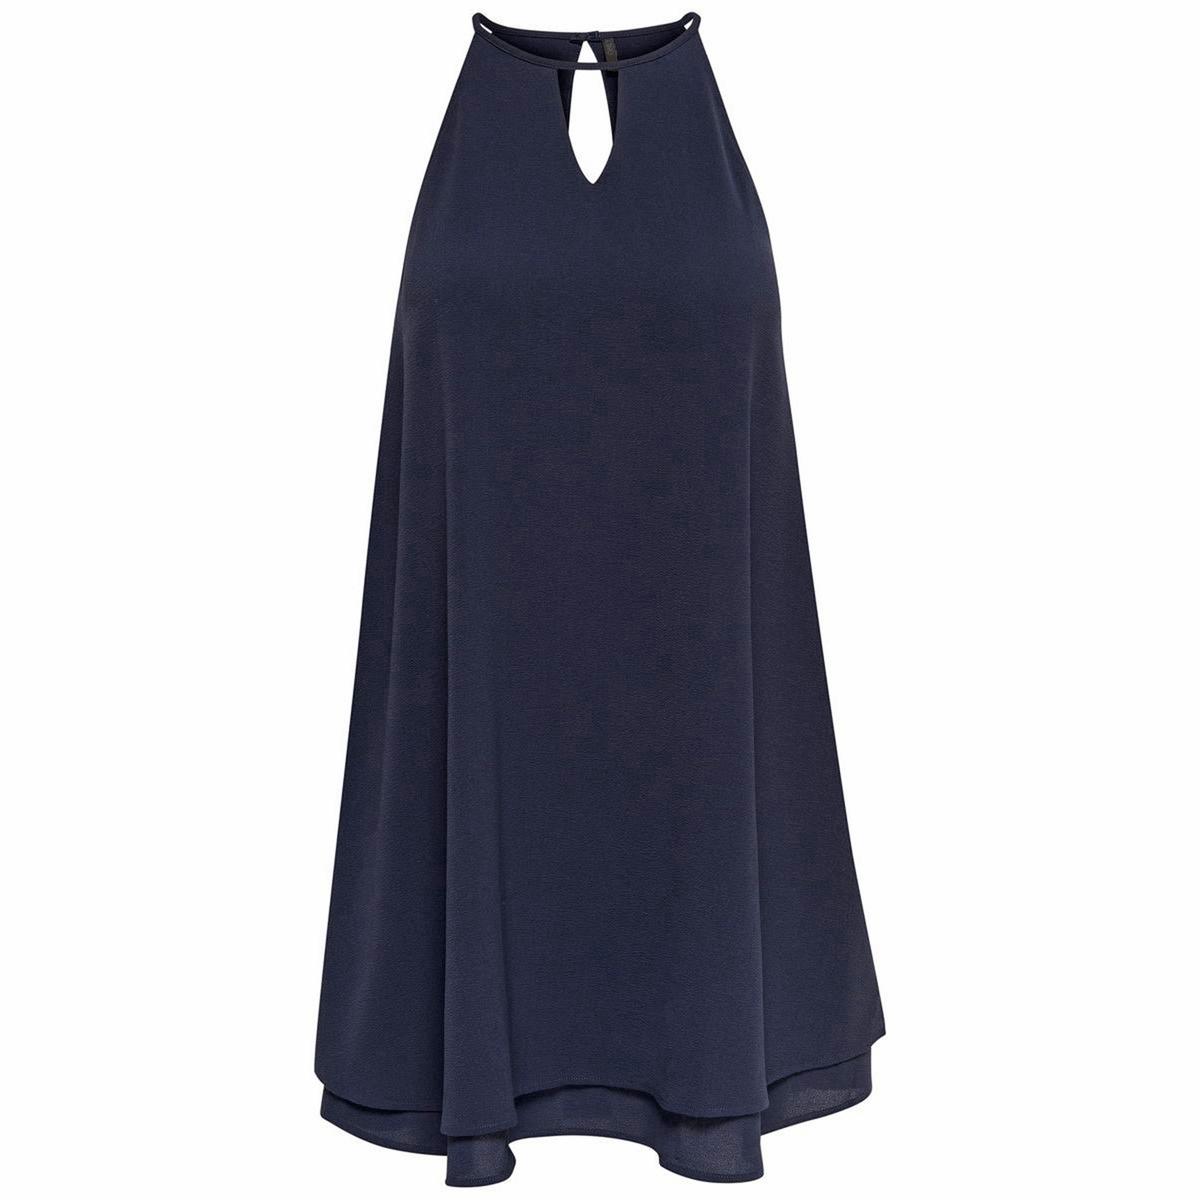 Платье без рукавов, длина до колен, однотонноеМатериал : 3% эластана, 97% полиэстера  Длина рукава : без рукавов  Форма воротника : круглый вырез Покрой платья : расклешенное платье Рисунок : однотонная модель   Длина платья : до колен<br><br>Цвет: синий морской